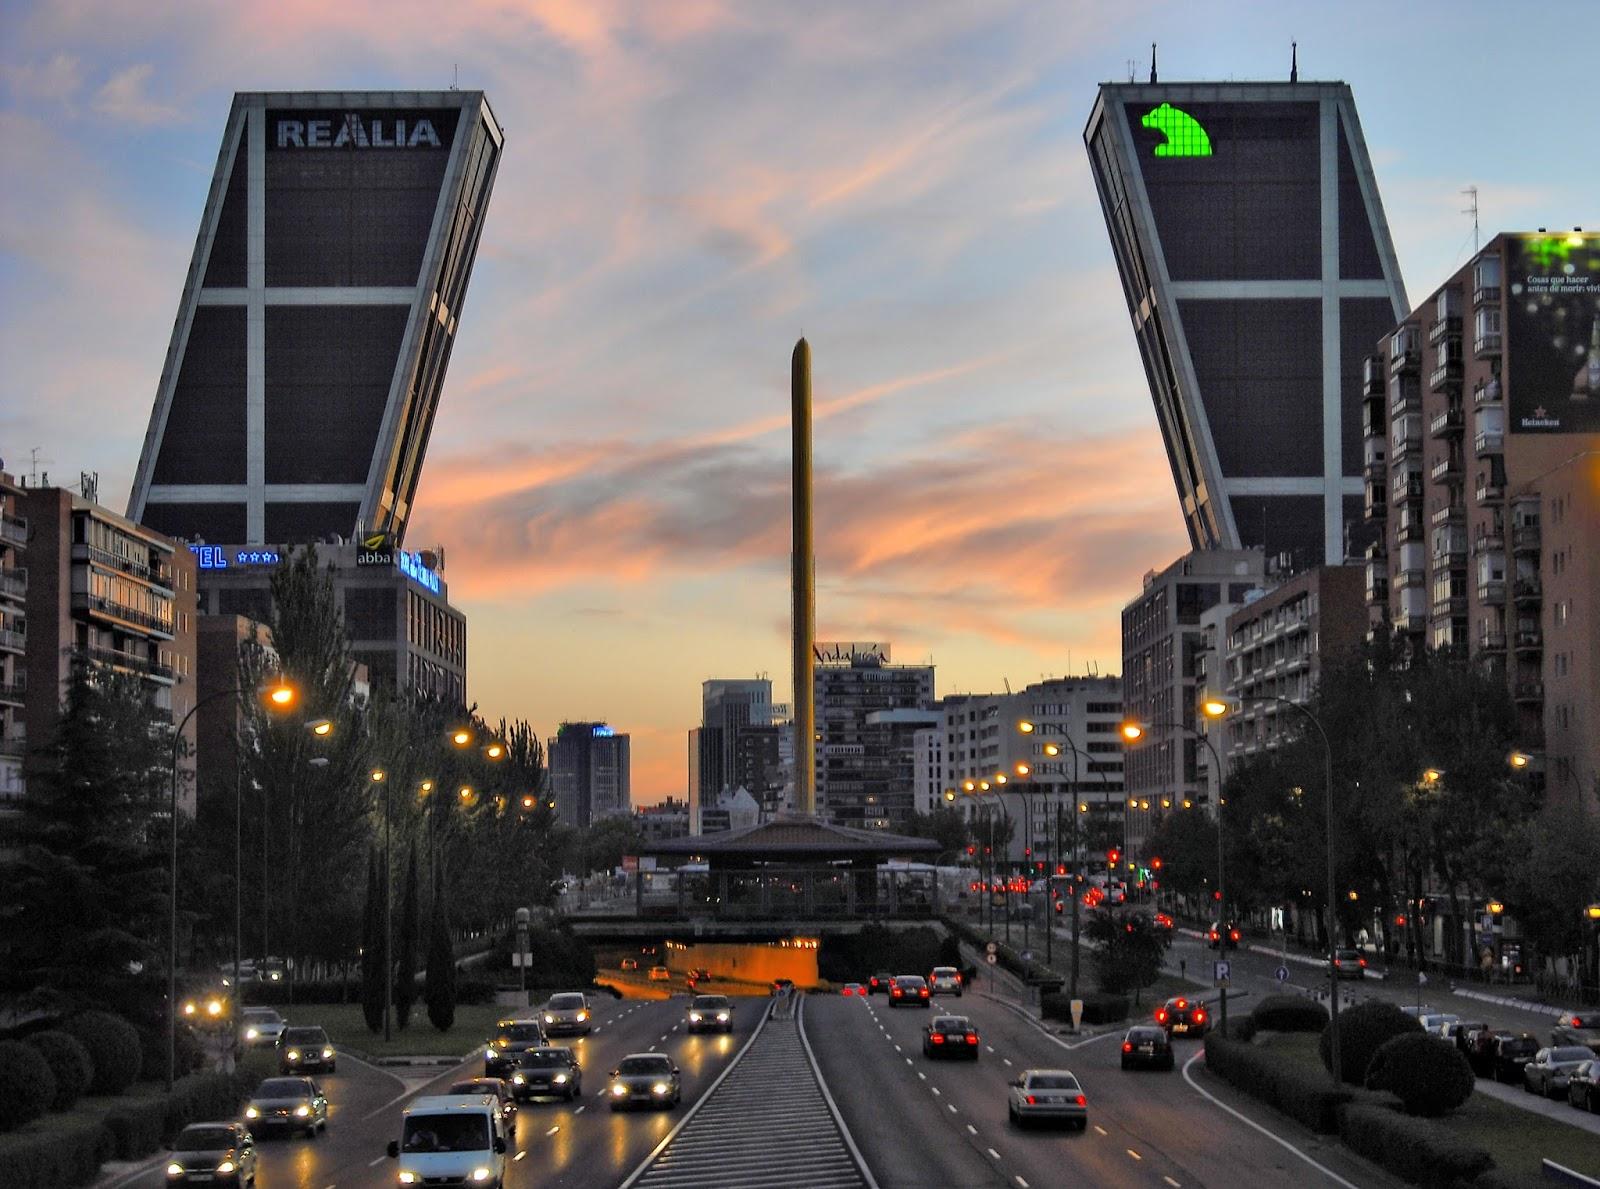 De paseo por madrid monumentos de madrid torres kio - Torres kio arquitecto ...